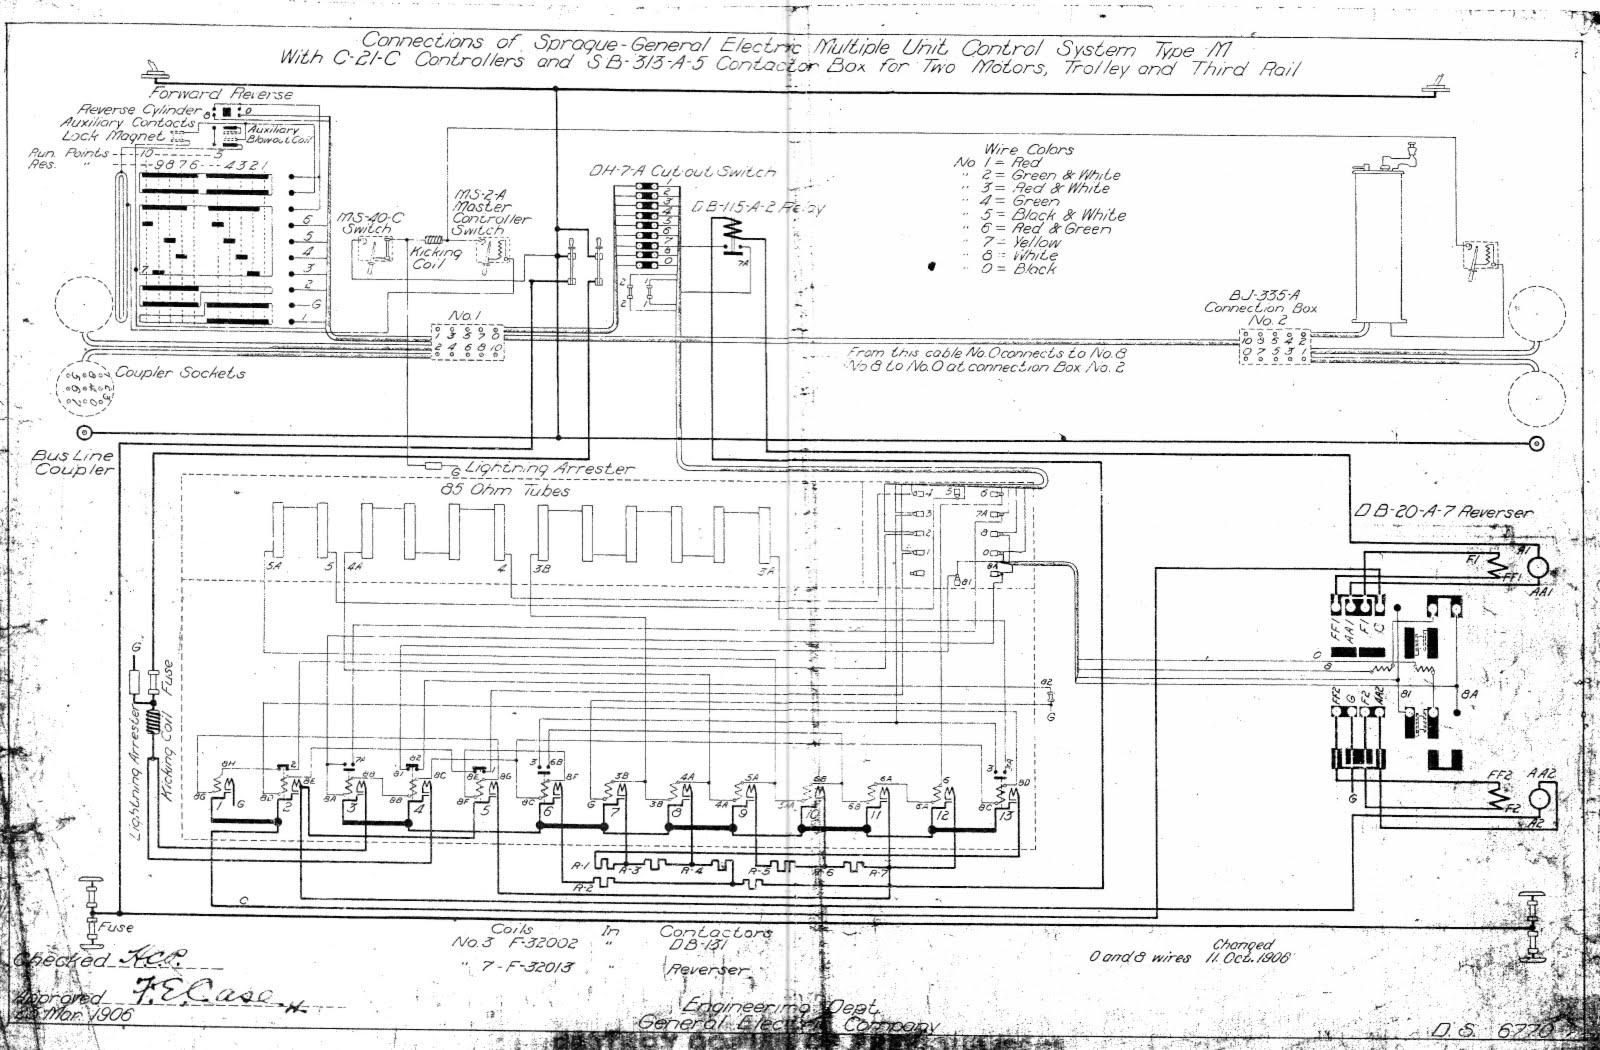 Yamaha Tw200 Wiring | Wiring Schematic Diagram - 142.glamfizz.de on